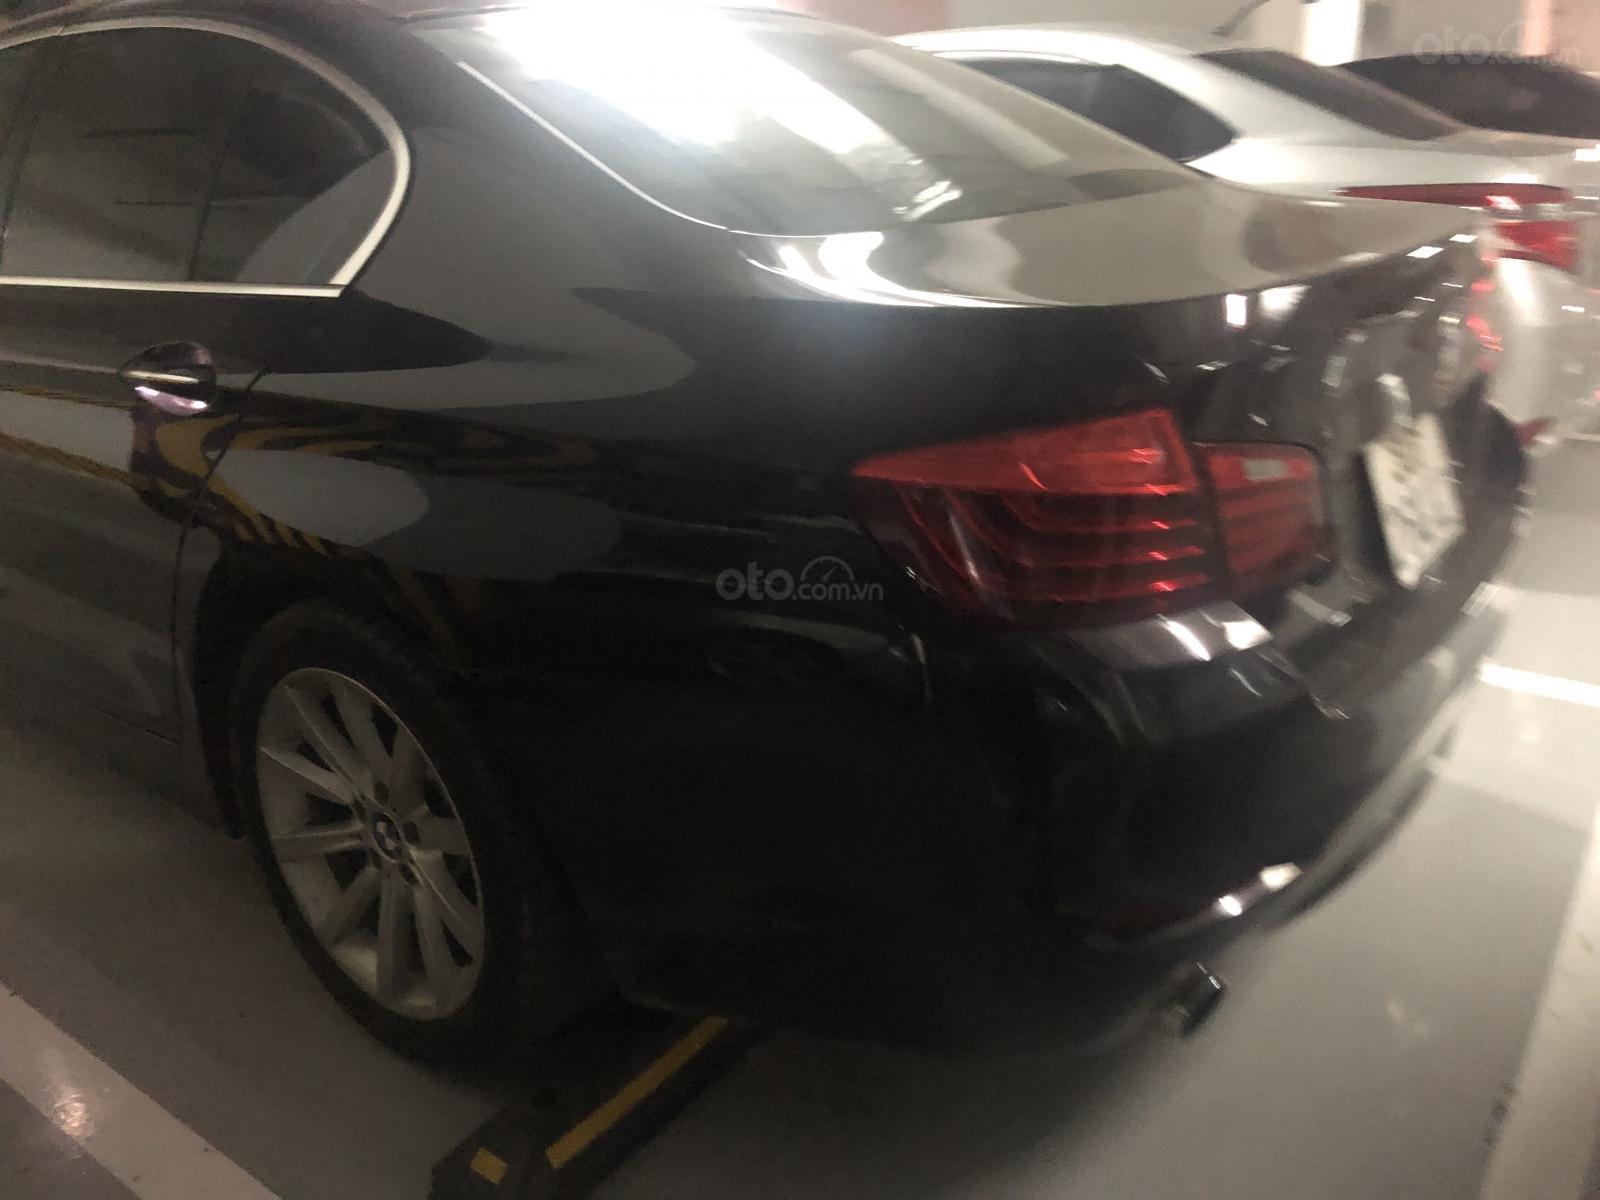 Cần bán BMW 535i Sedan, 2014, mới 98%, 306 mã lực-2